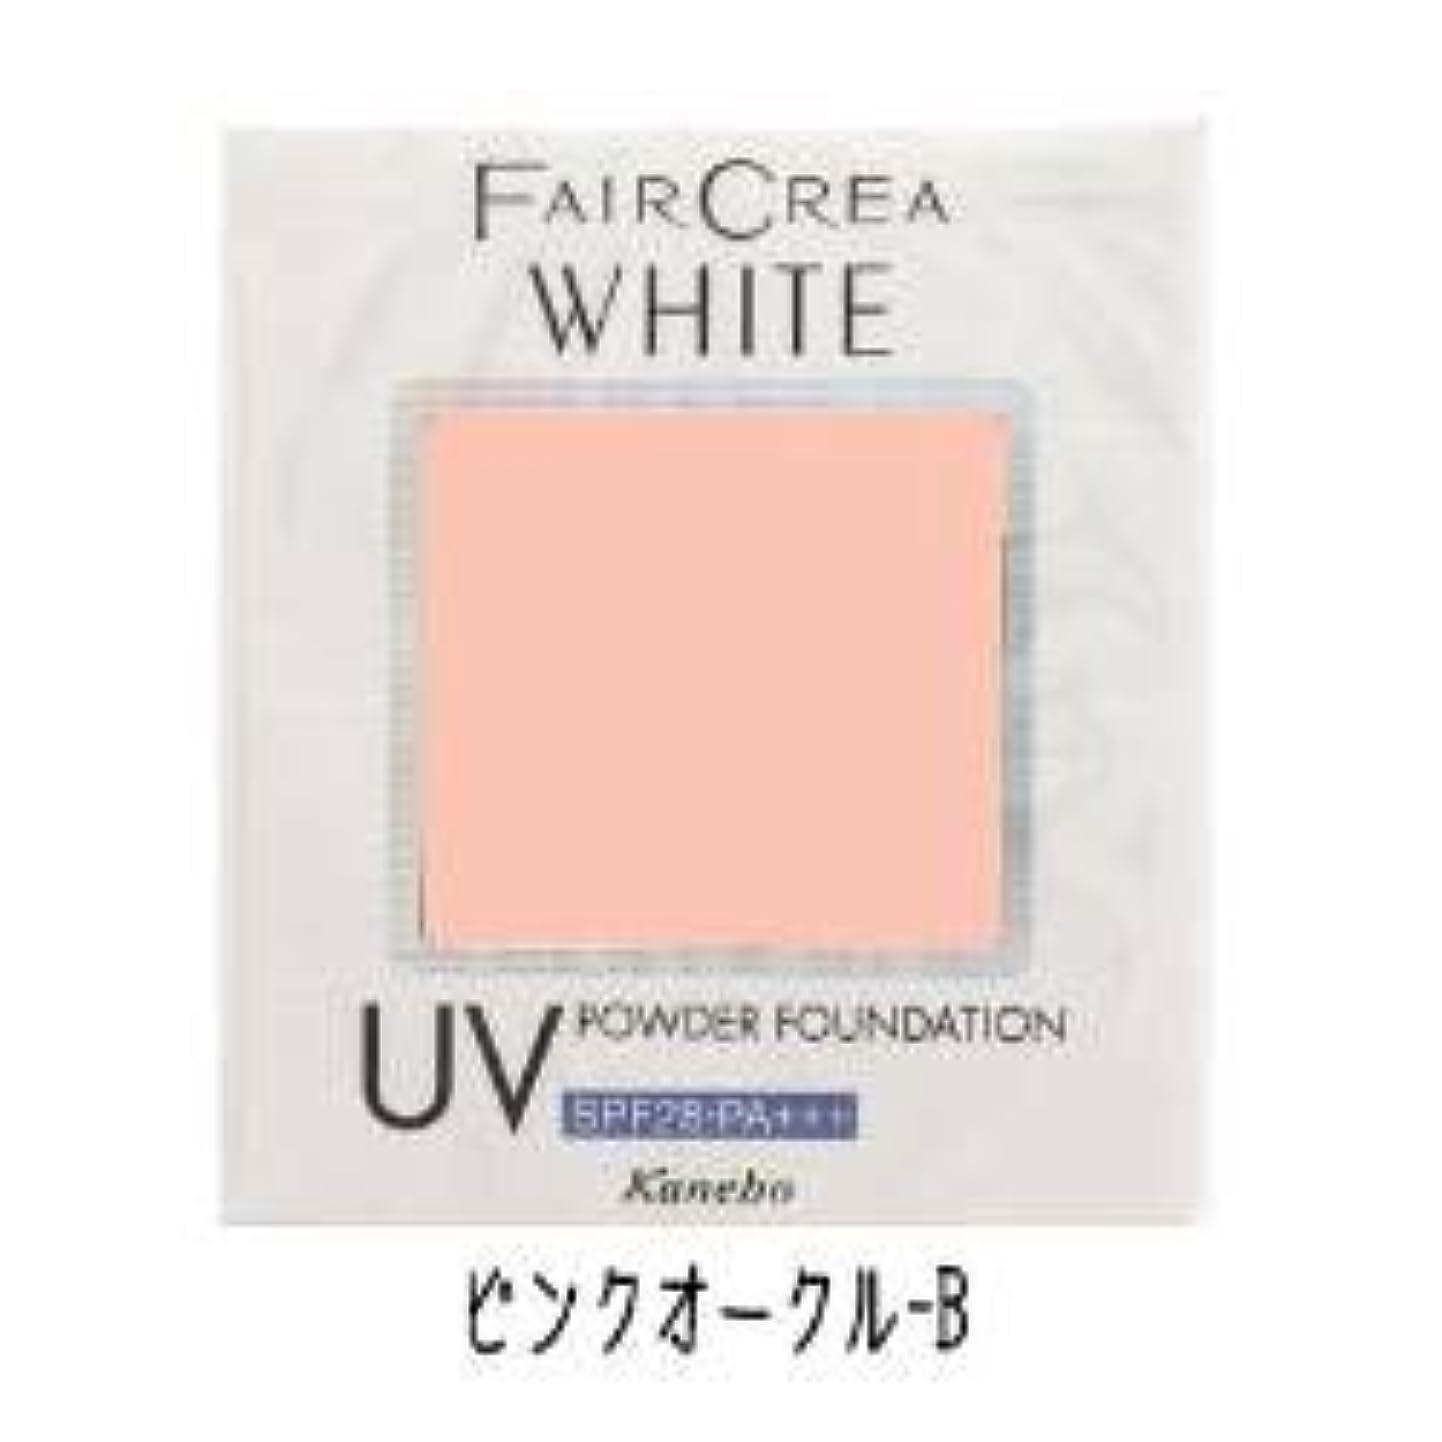 グラディスパテ陽気なカネボウ フェアクレア ホワイトUVパウダーファンデーション ピンクオークル-B(10g)